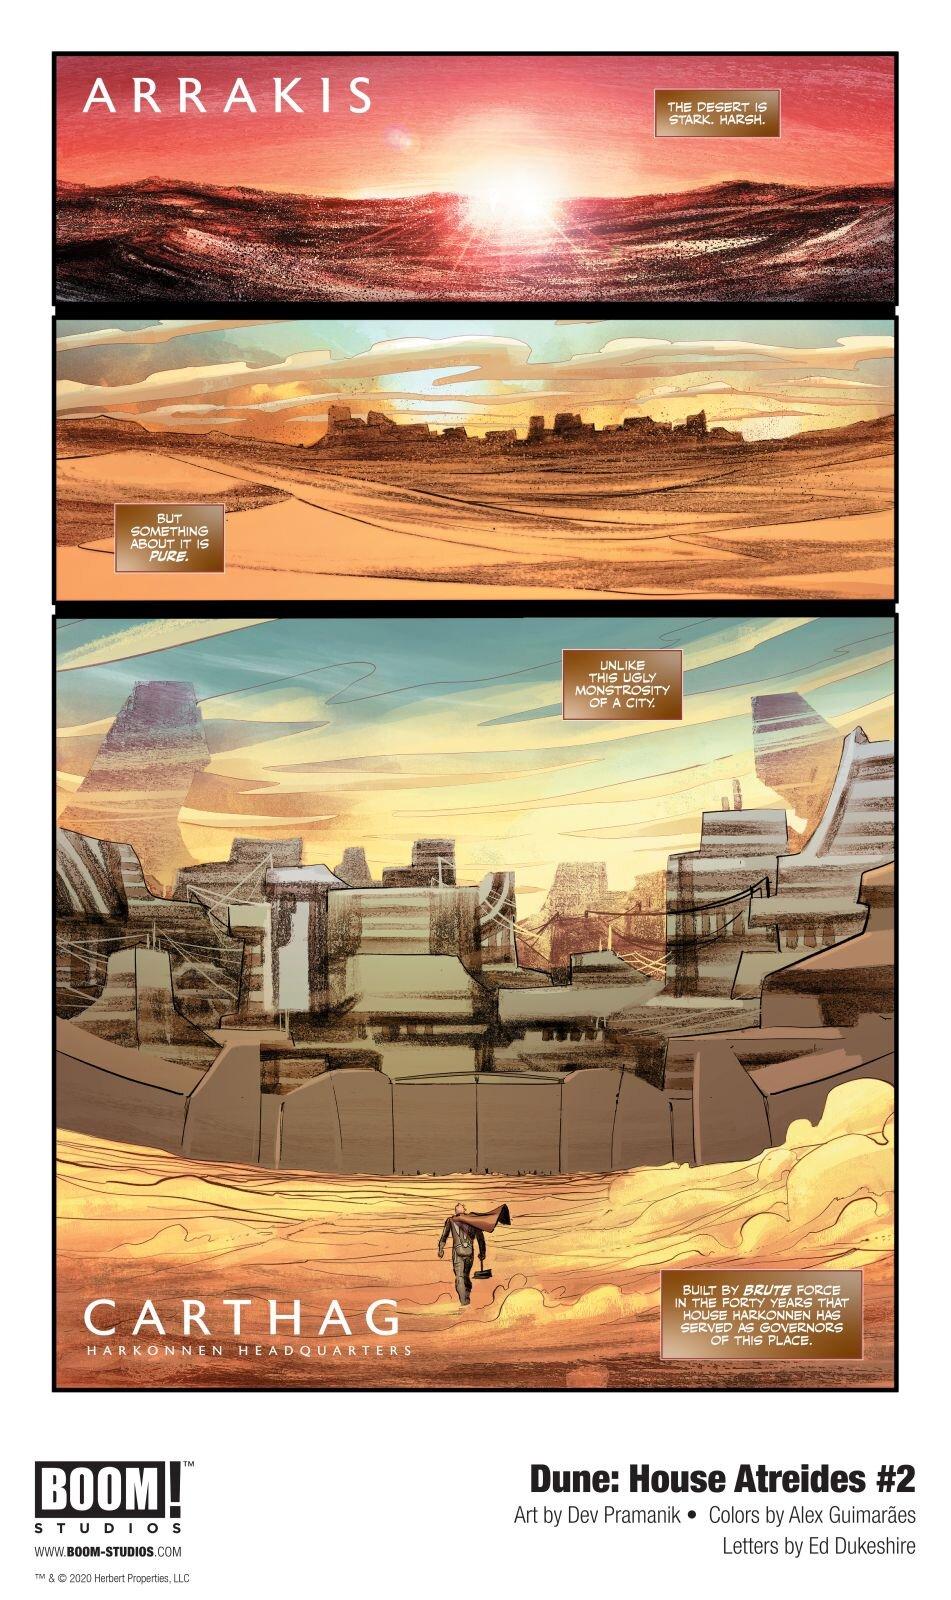 Dune_002_InteriorArt_001_PROMO.jpg